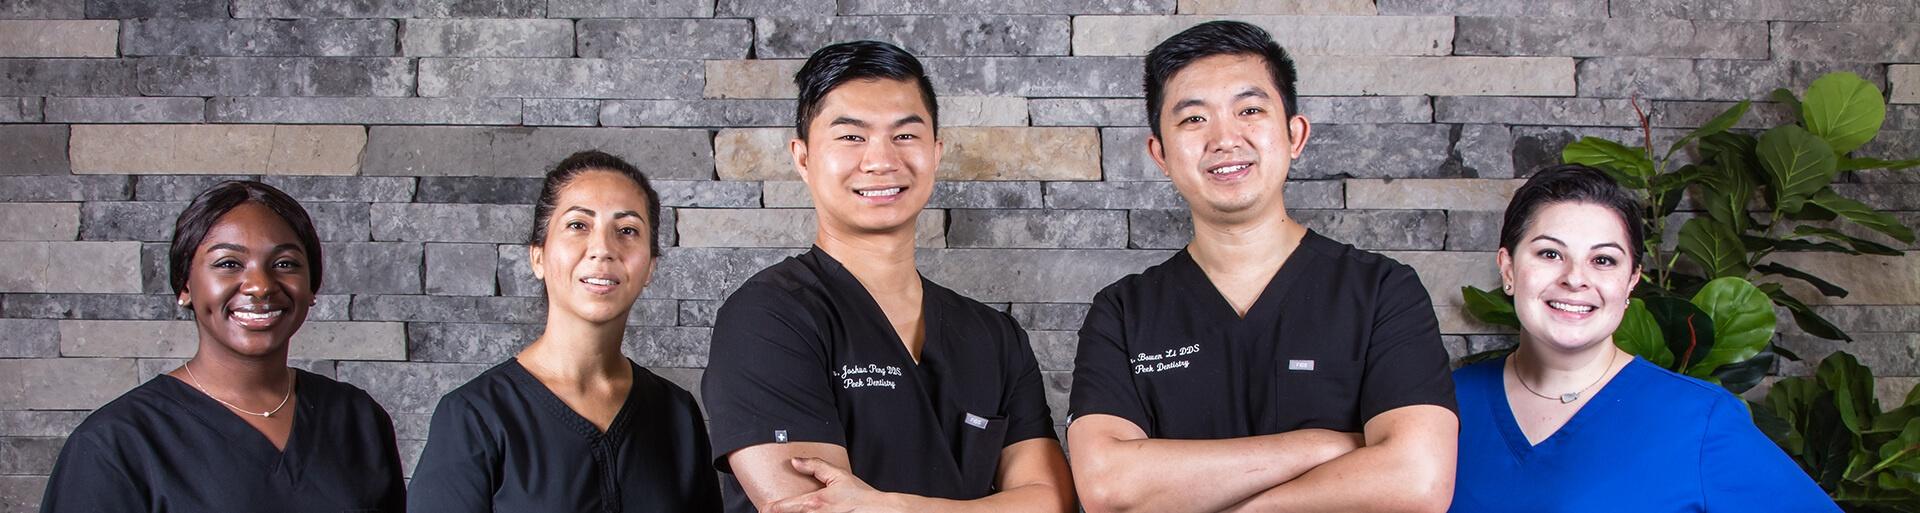 Peek Dentistry team